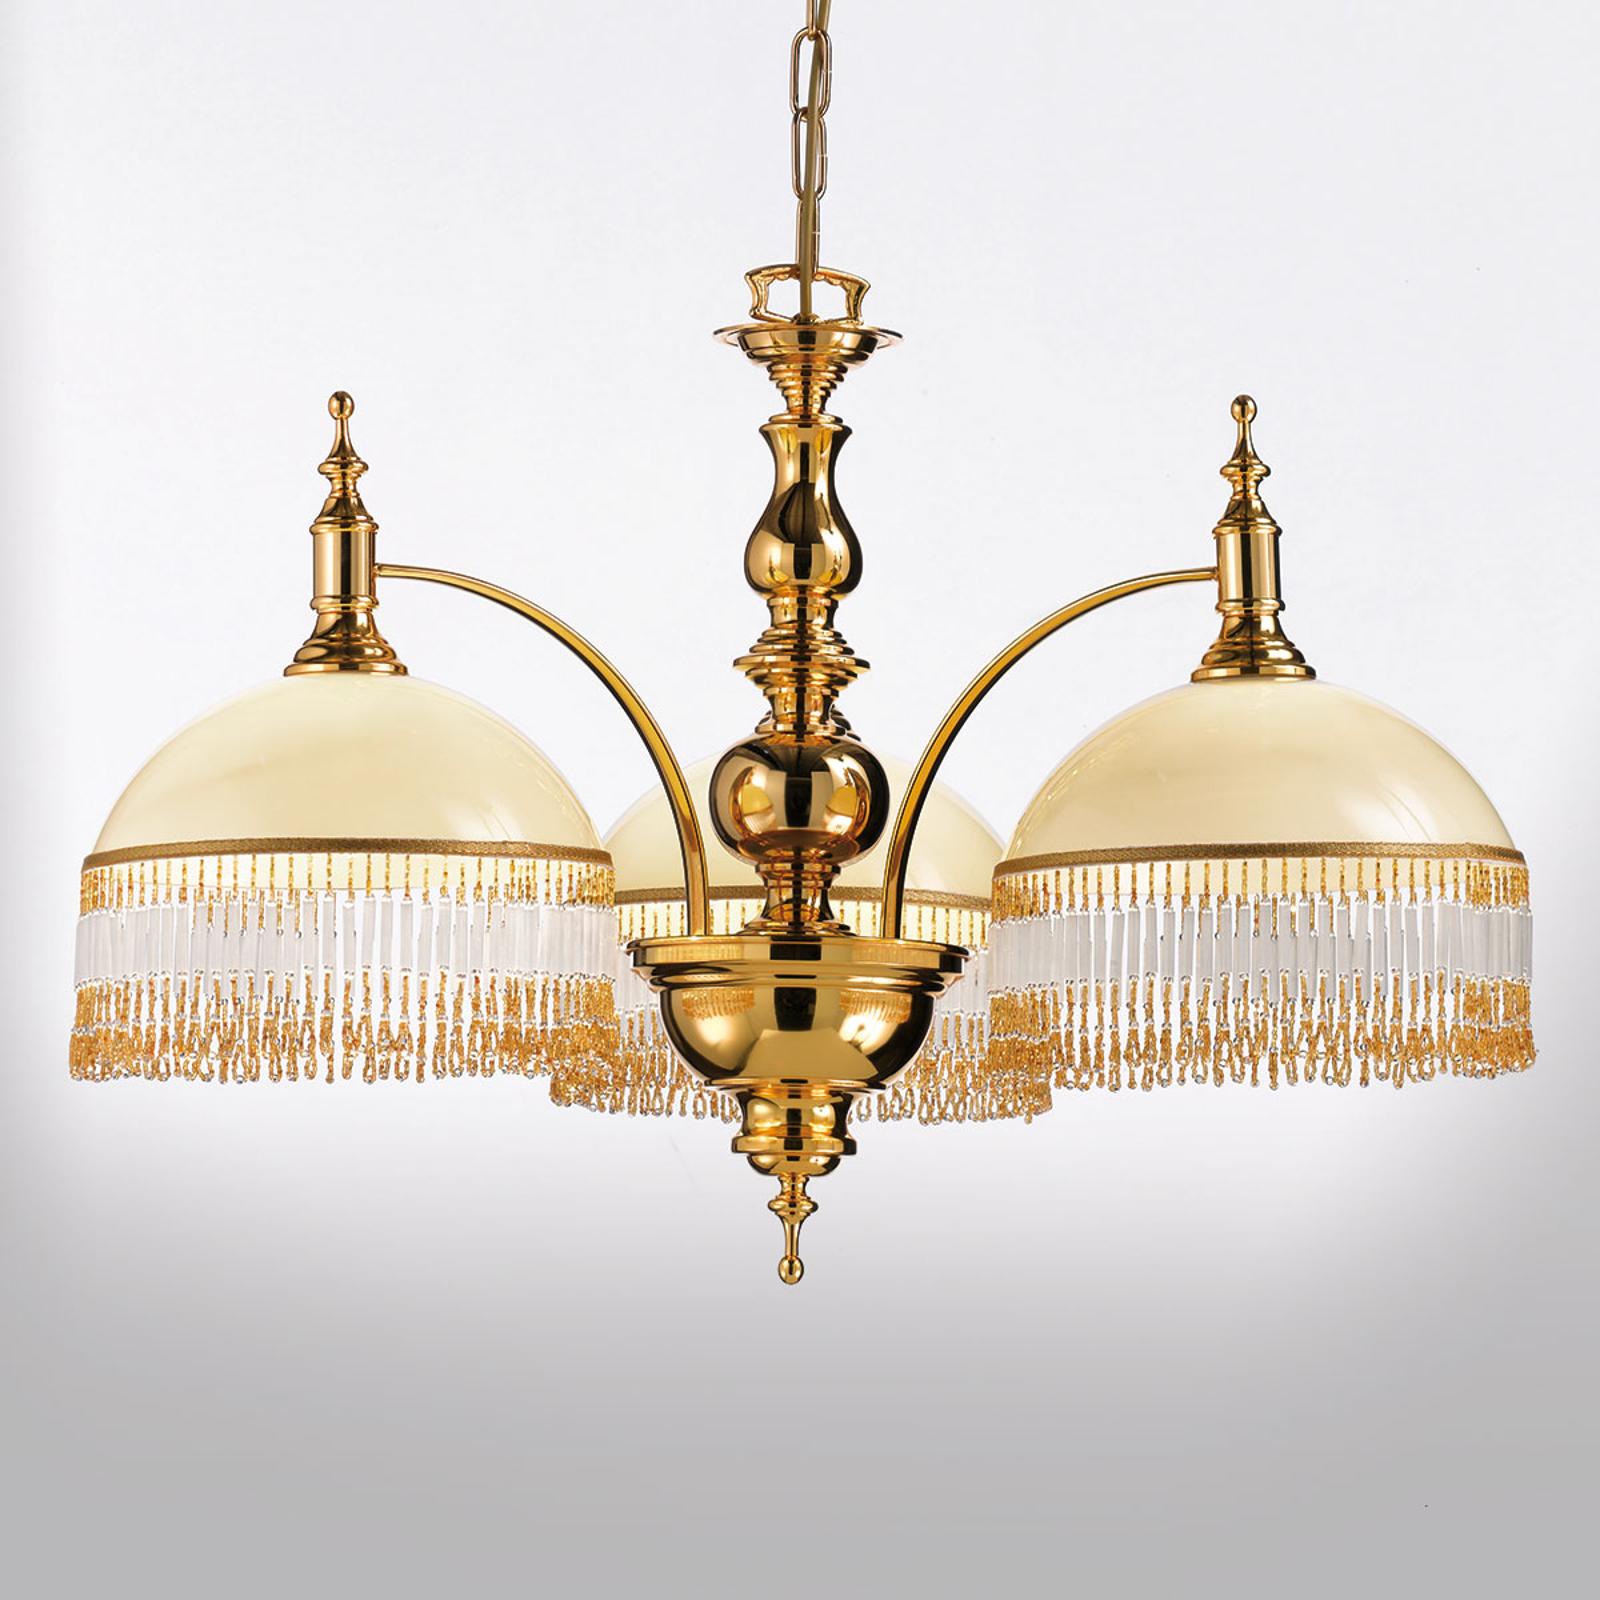 Stijlvolle hanglamp Corola met mooie versiering